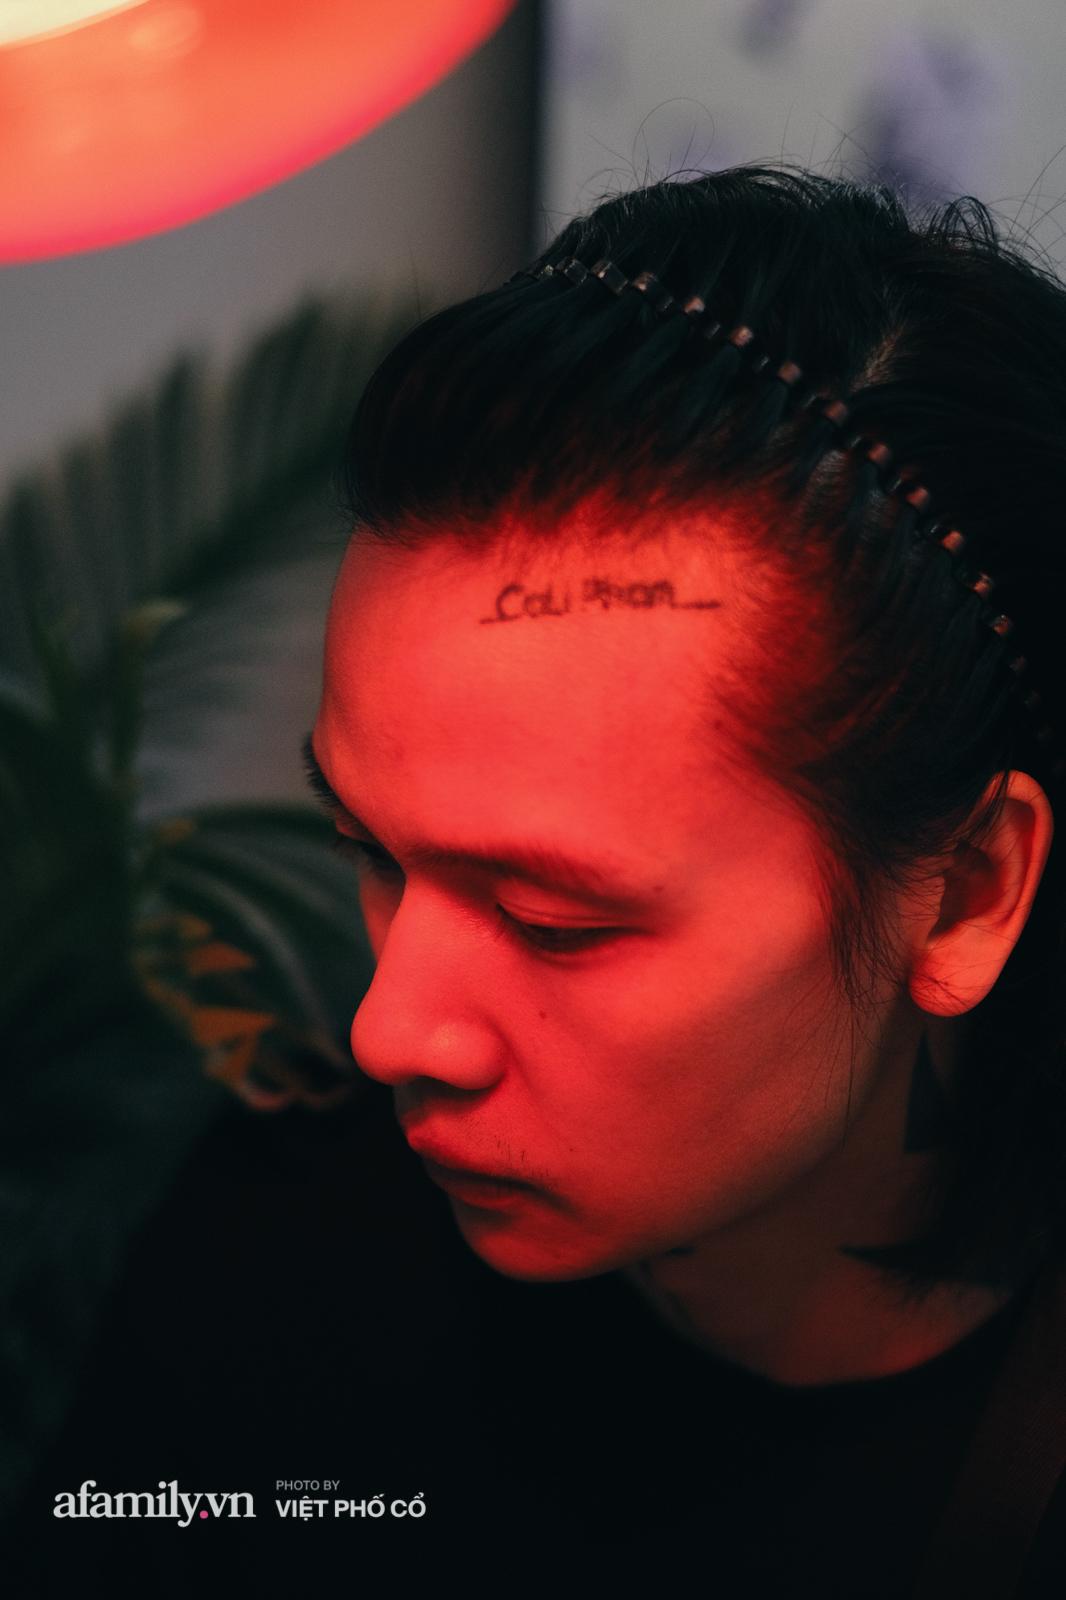 Cali Phạm: Từ cú vấp ngã trượt đại học, nhờ 1 câu nói của bố mà đạp xe vòng quanh Hà Nội để học cắt tóc và chia sẻ về 1 điều không bao giờ nói dối khách hàng  - Ảnh 6.